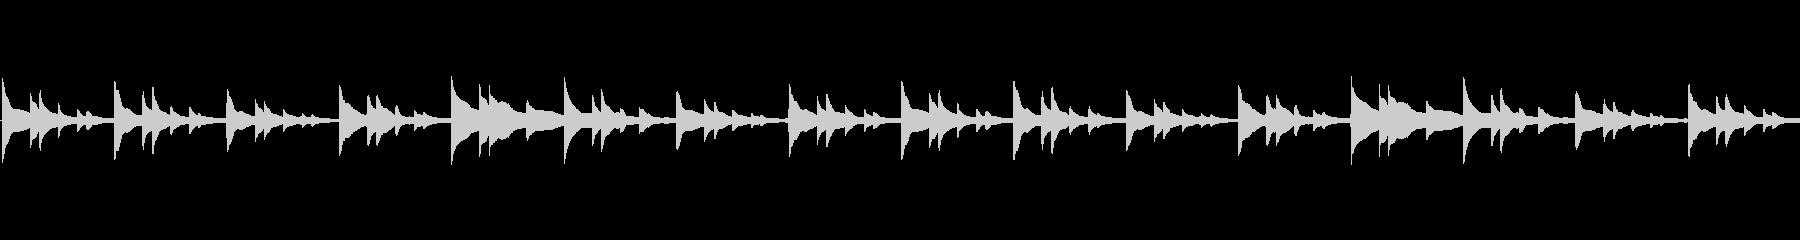 【和風/琴/アンビエント】の未再生の波形